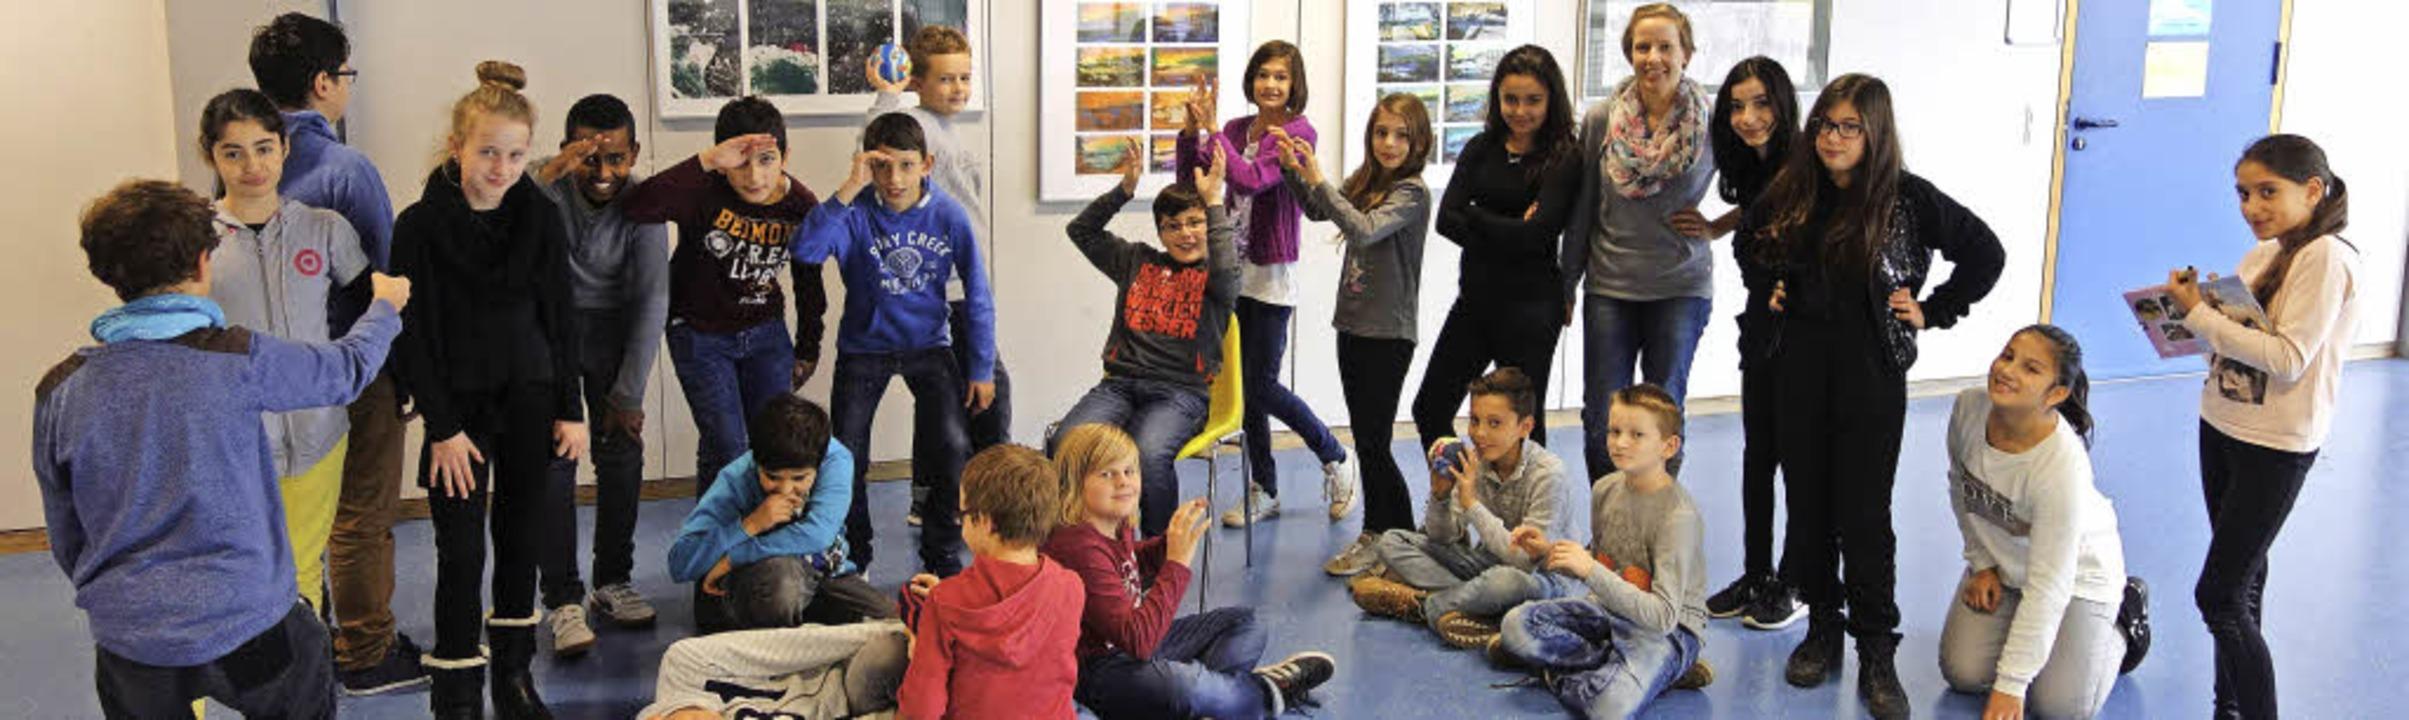 Schüler der Realschule beschäftigen sich spielerisch mit den Kinderrechten.     Foto: Privat